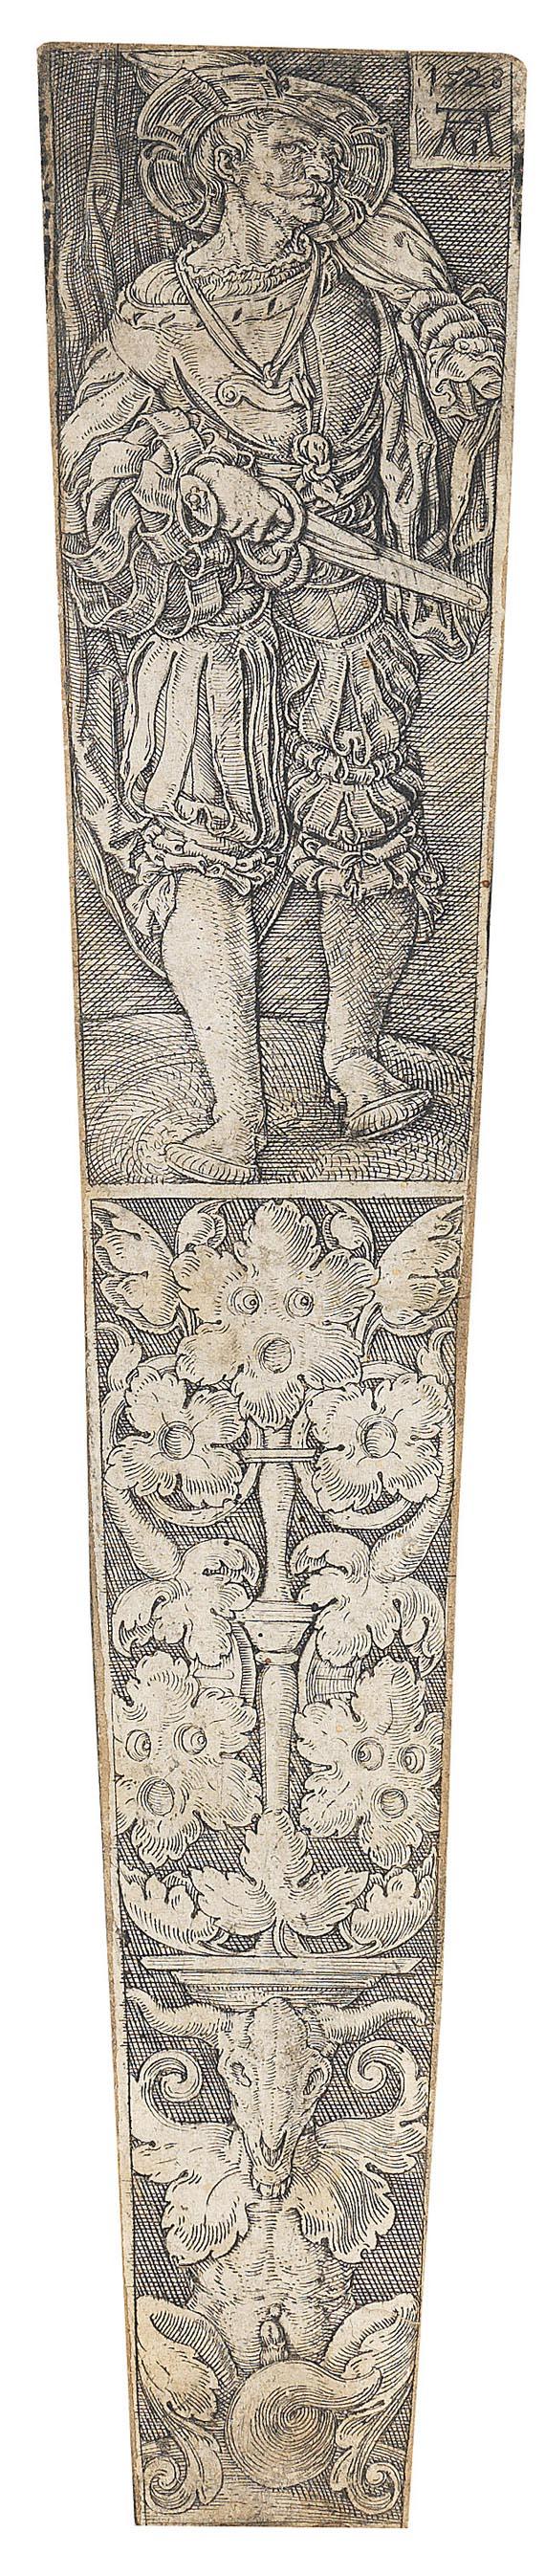 Heinrich Aldegrever - Entwurf für eine Dolchscheide: Fähnrich und Ornamentschmuck